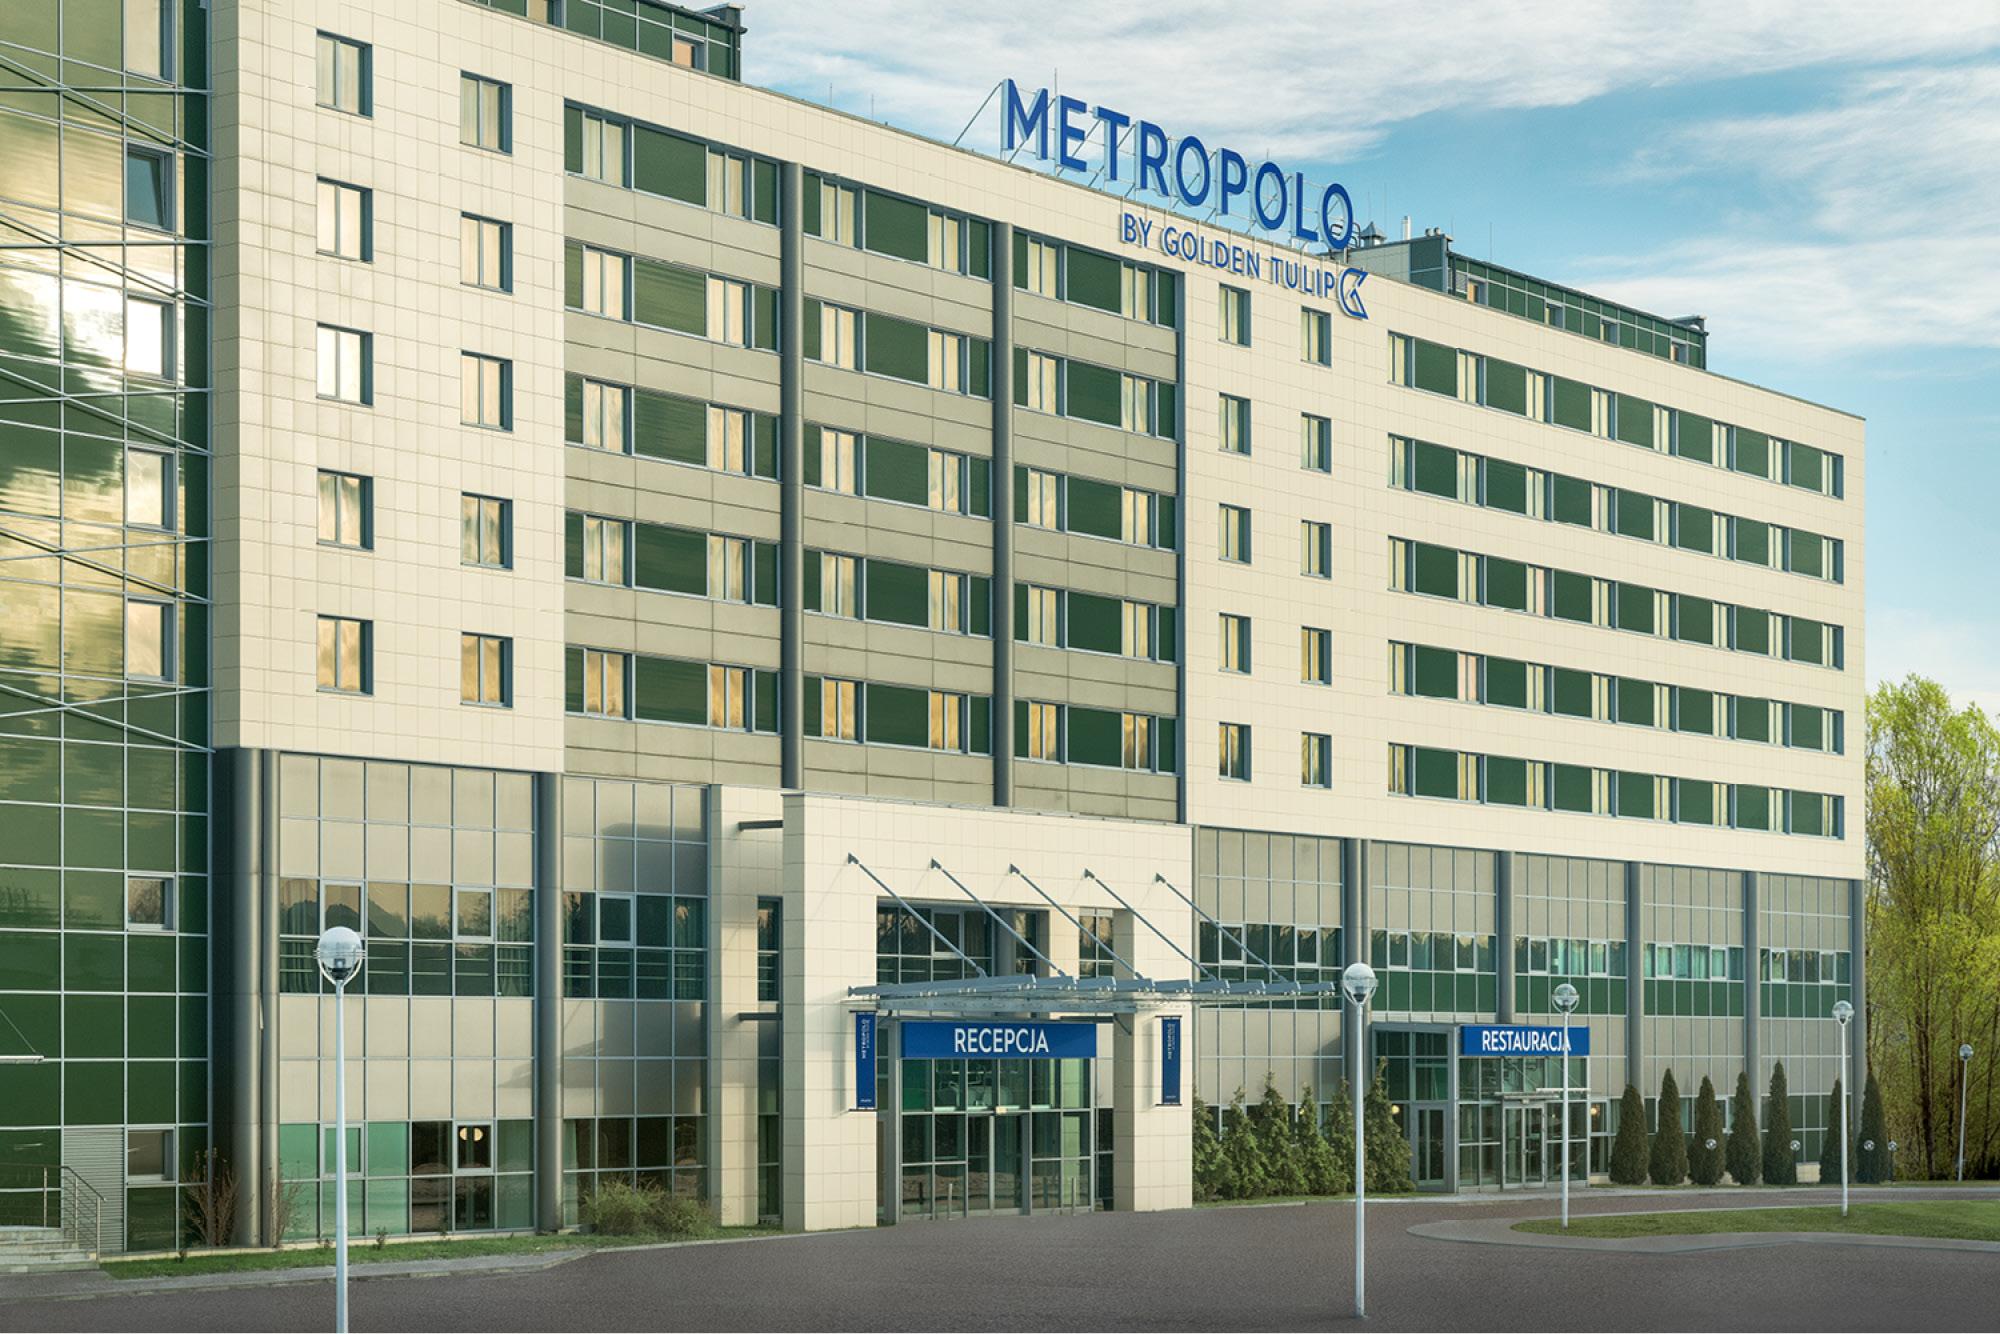 Studio Online w krakowskim hotelu Metropolo by Golden Tulip